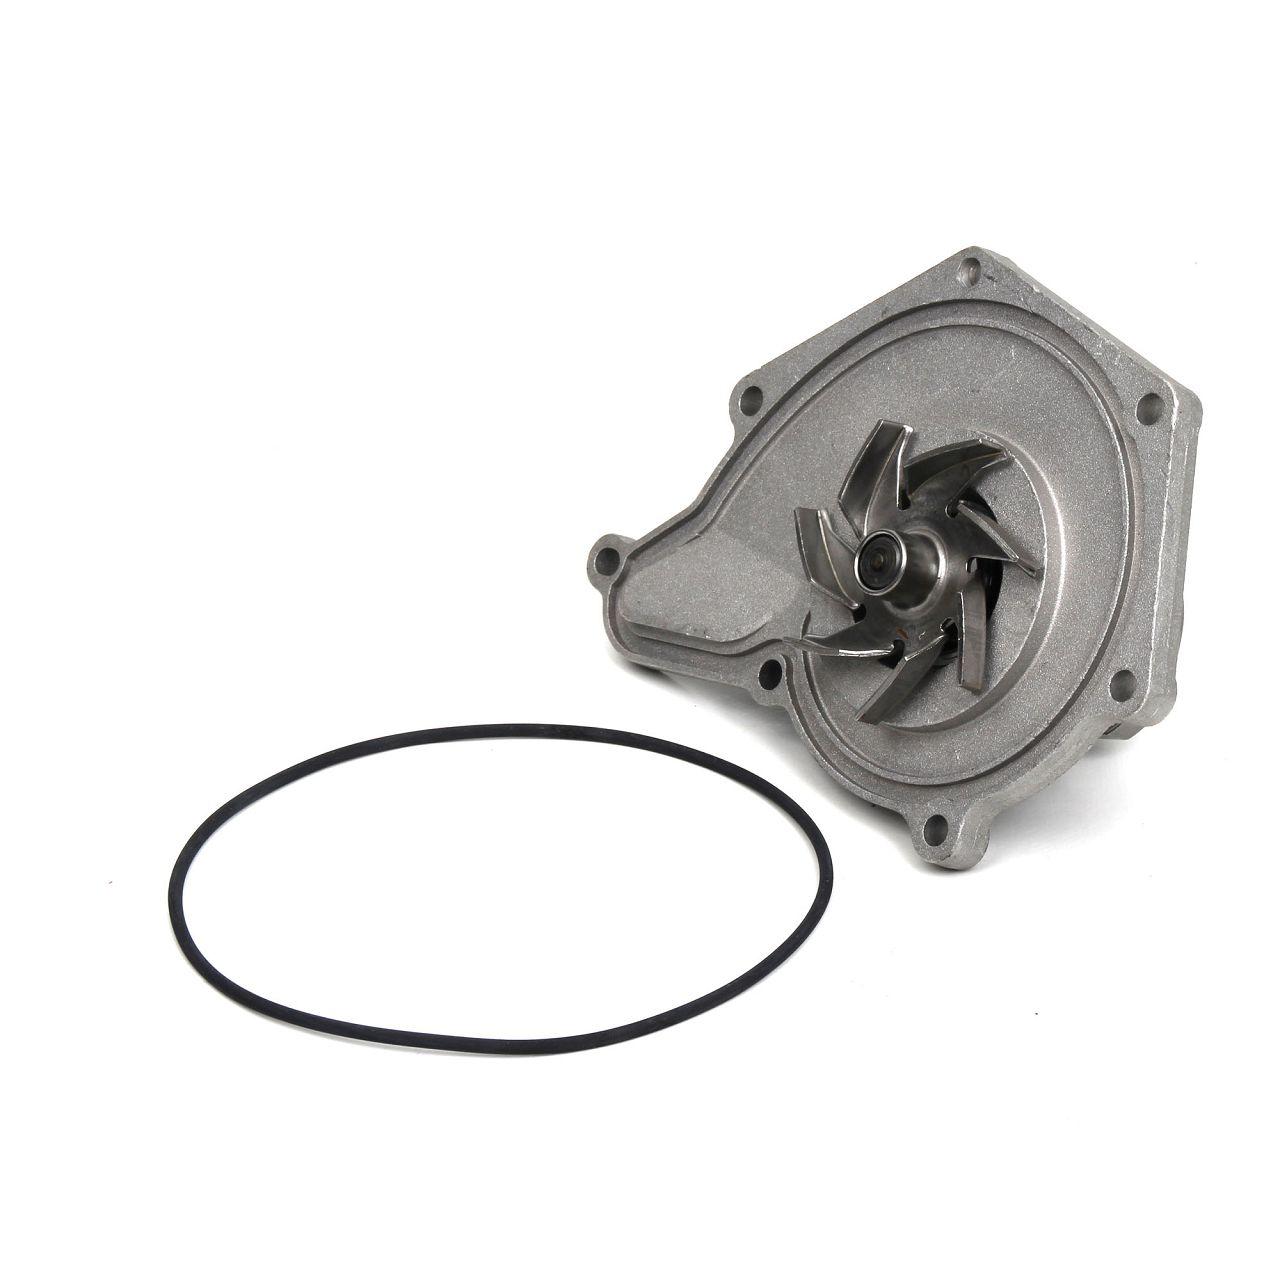 GEBA Wasserpumpe für AUDI A4 A5 A6 Q5 Q7 2.7 / 3.0TDI 3.2FSI VW TOUAREG 3.0TDI